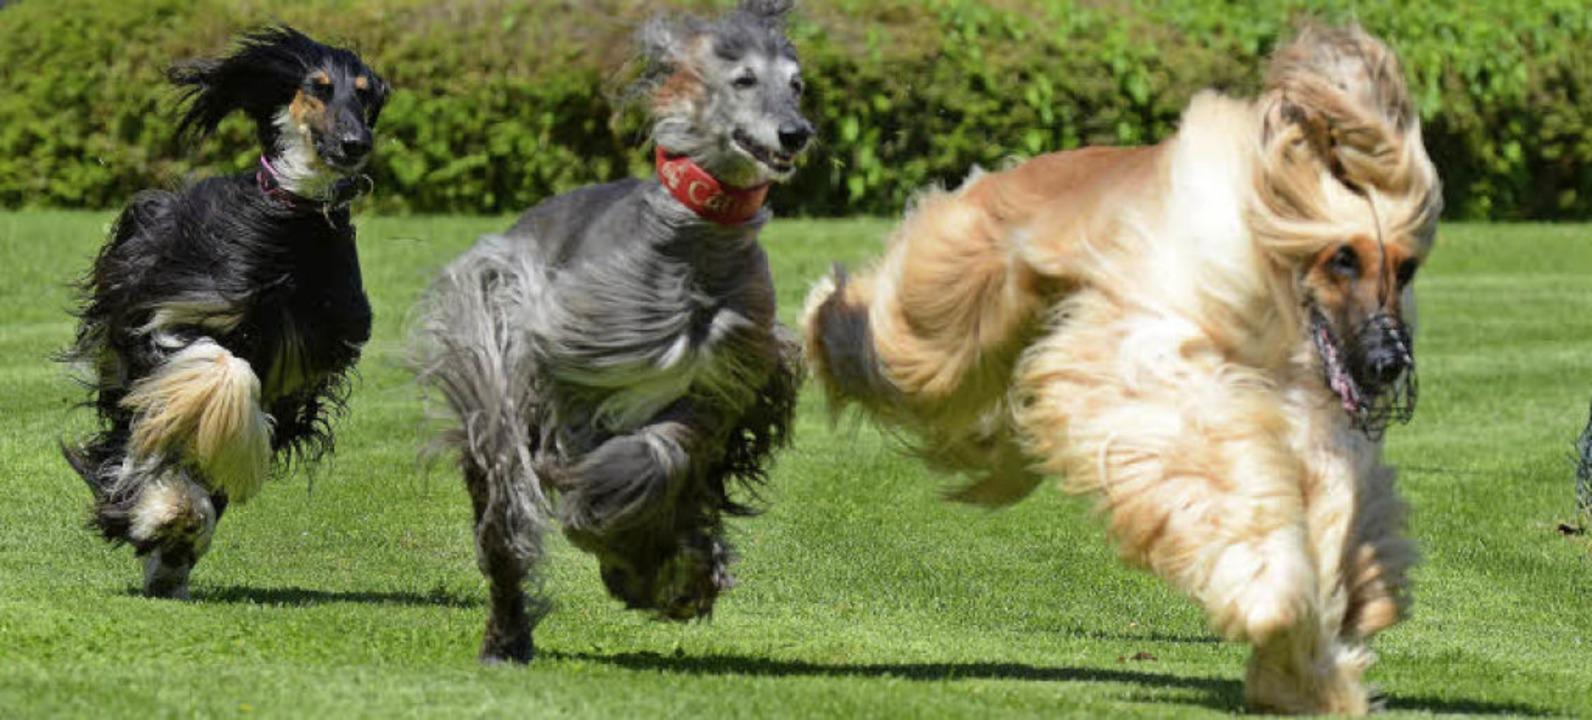 Mit wehendem Haar immer dem falschen H...rher: Windhunde lieben es, zu  jagen.   | Foto: rita eggstein